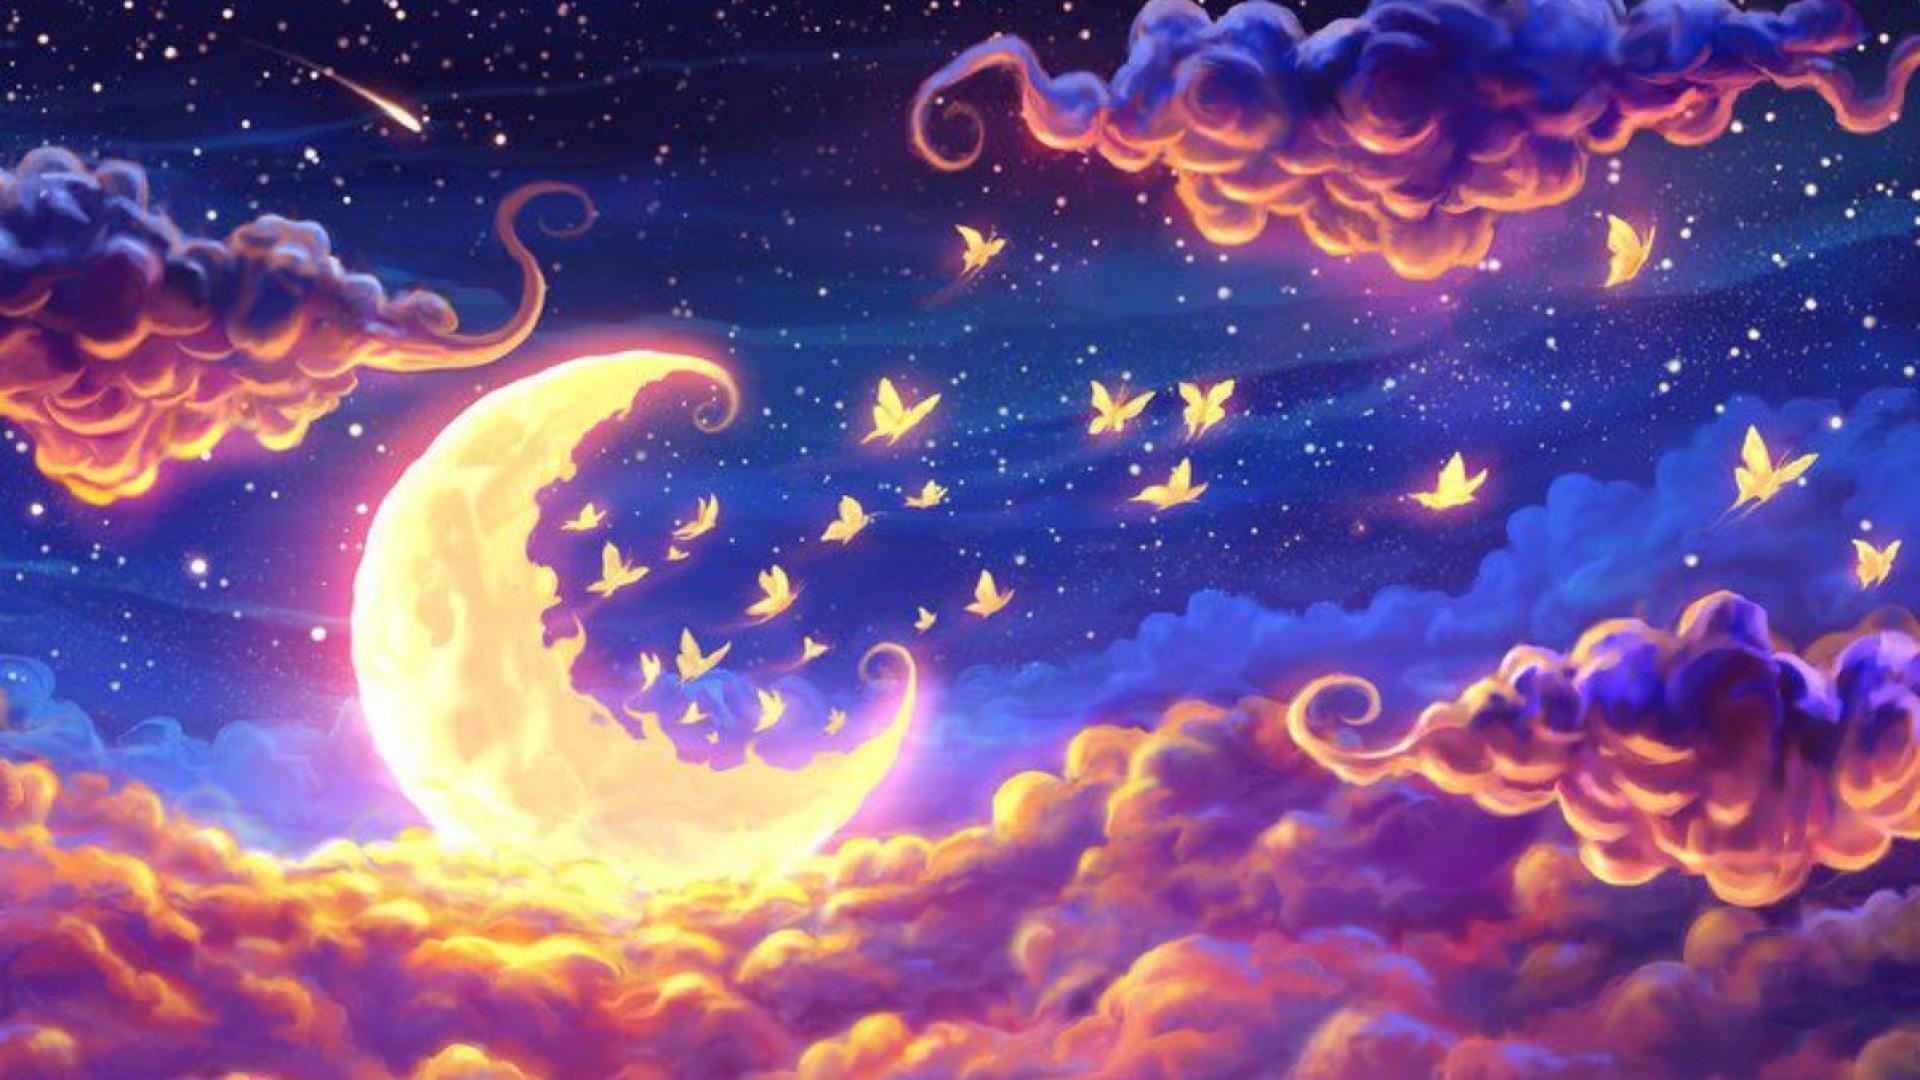 abstract moon hd wallpaper 73035